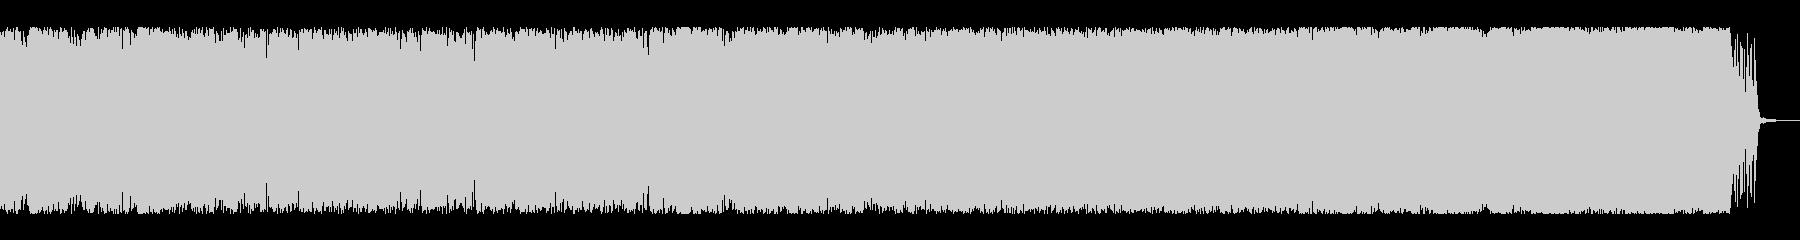 ファンキーでグルービーなギターインストの未再生の波形